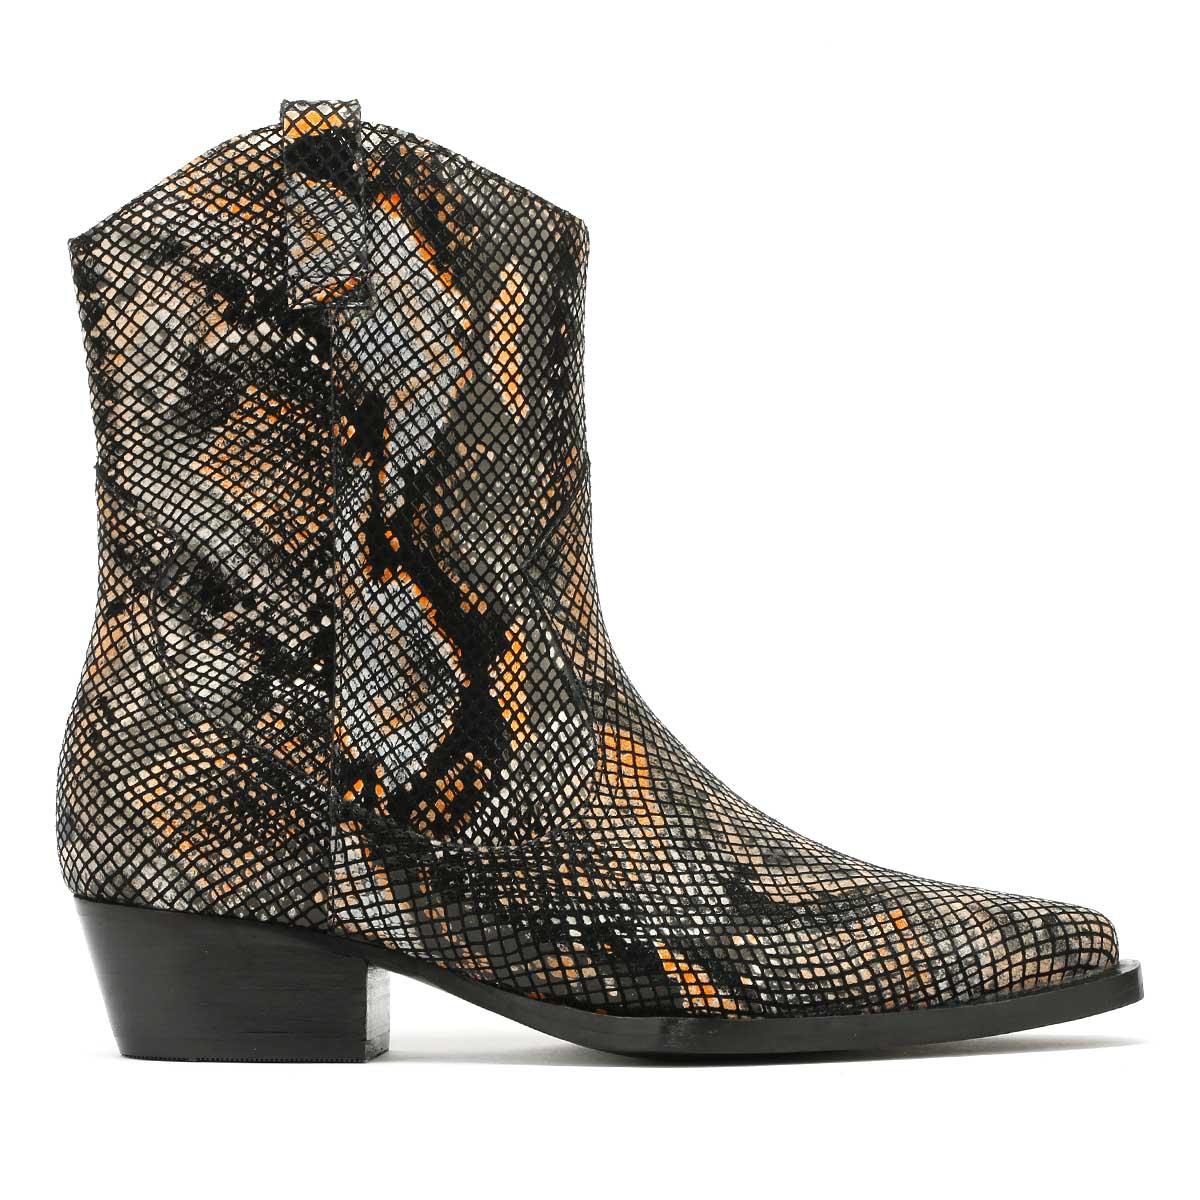 Bronx Jacky Mujer botas Negro caliente Naranja caliente Negro de invierno Informal Zapatos 368476